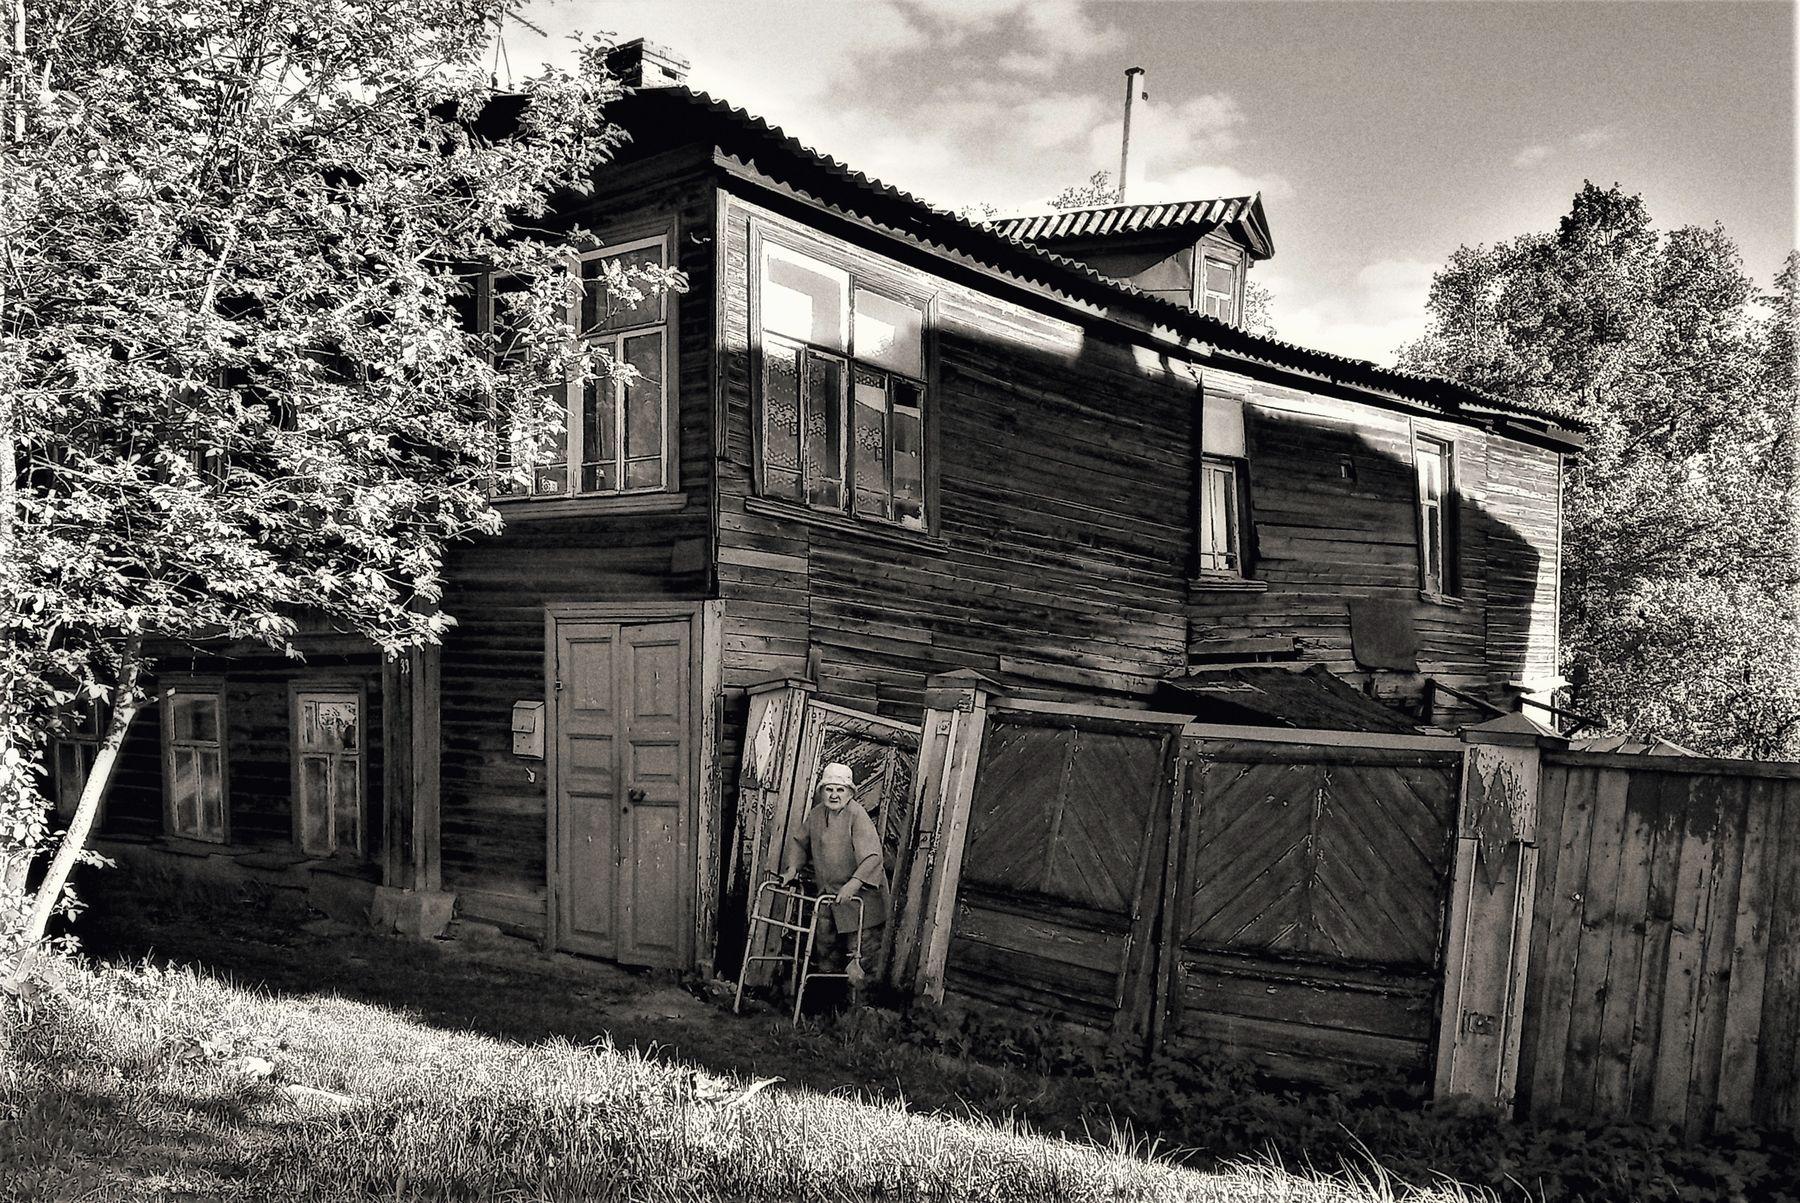 Старый дом в Кинешме дом улица деревня старость городской деревенский пейзаж деревянный бабушка